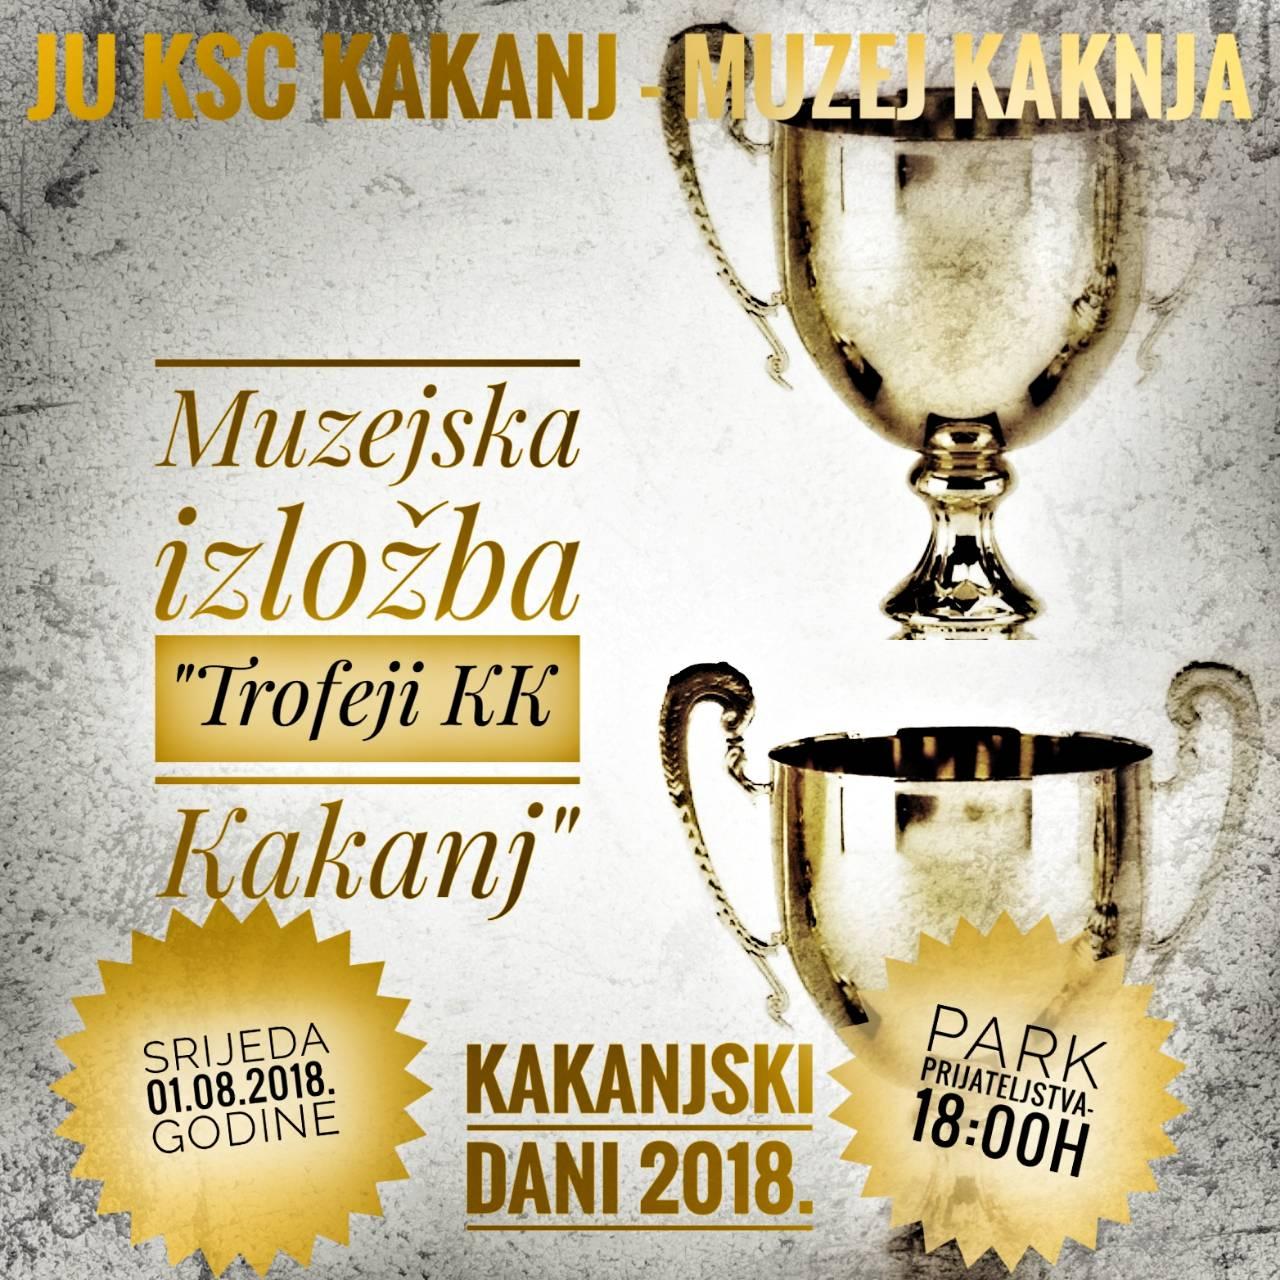 """KD2018: U sklopu street ball cup-a u Parku prijateljstva otvorenje muzejske izložbe """"Trofeji KK Kakanj"""""""